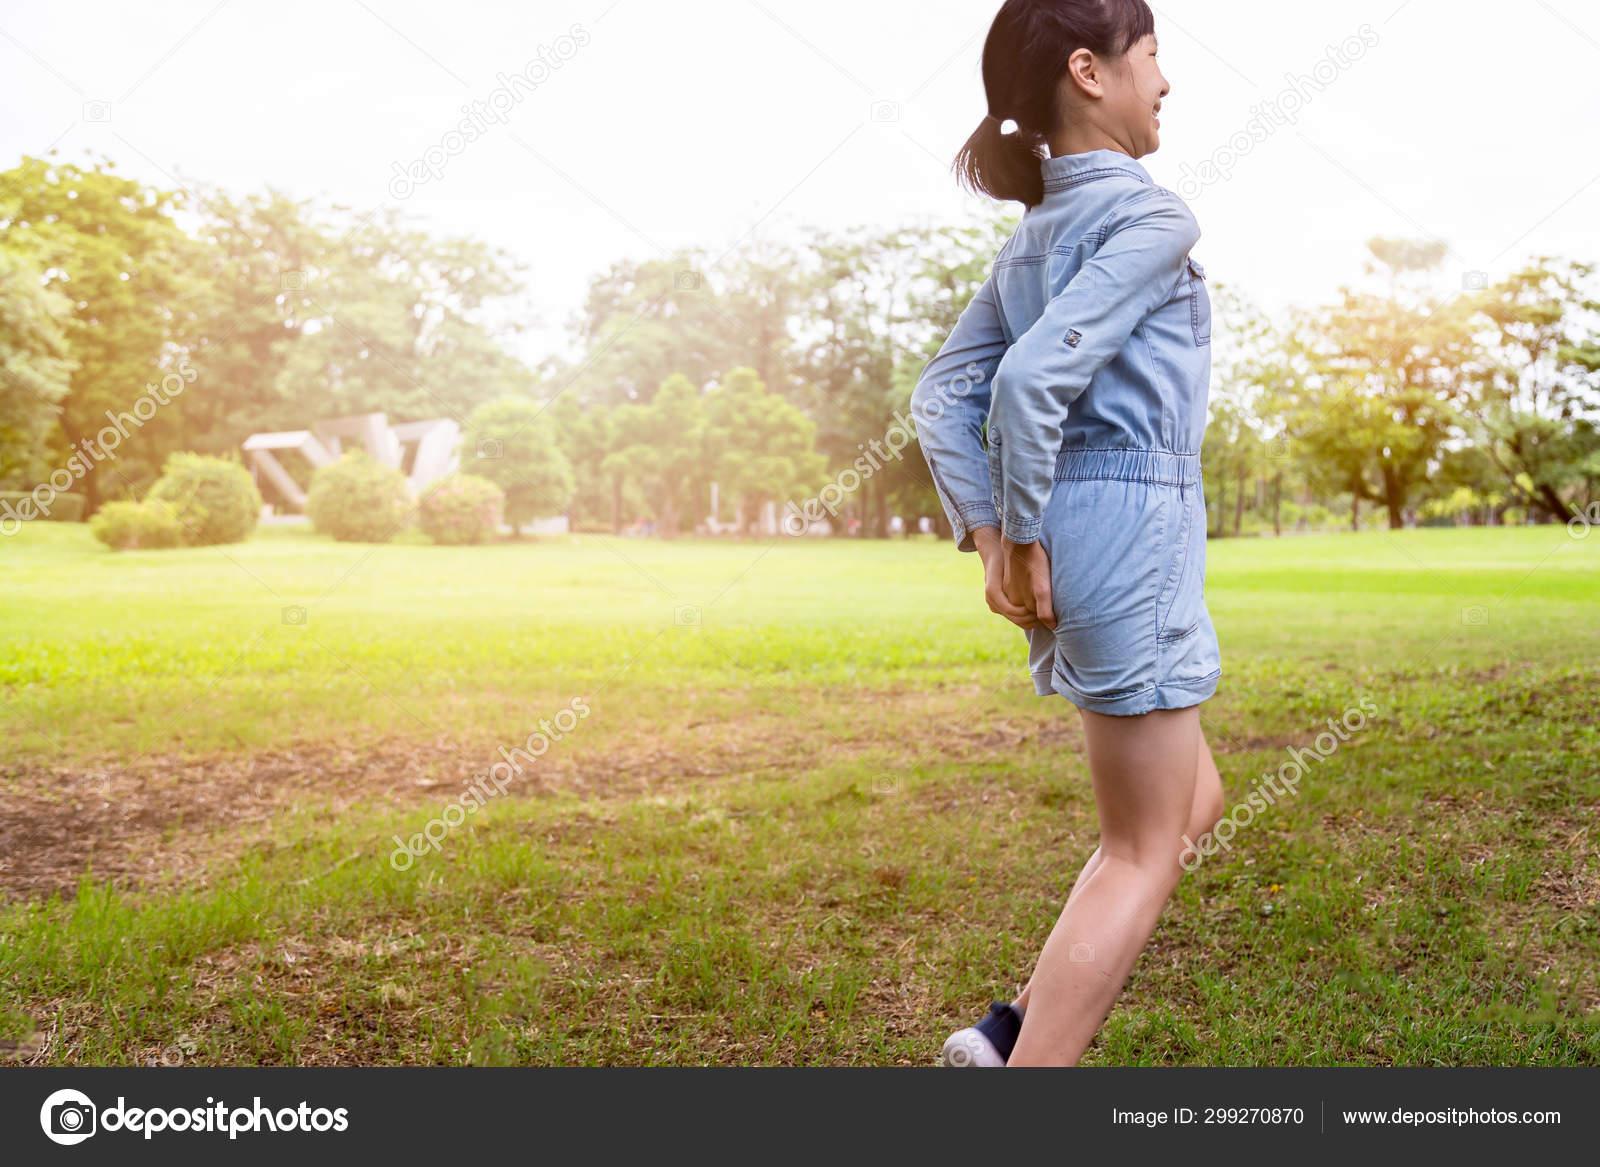 Asiaticas Ass asian child girl has diarrhoea and holding her butt,hands